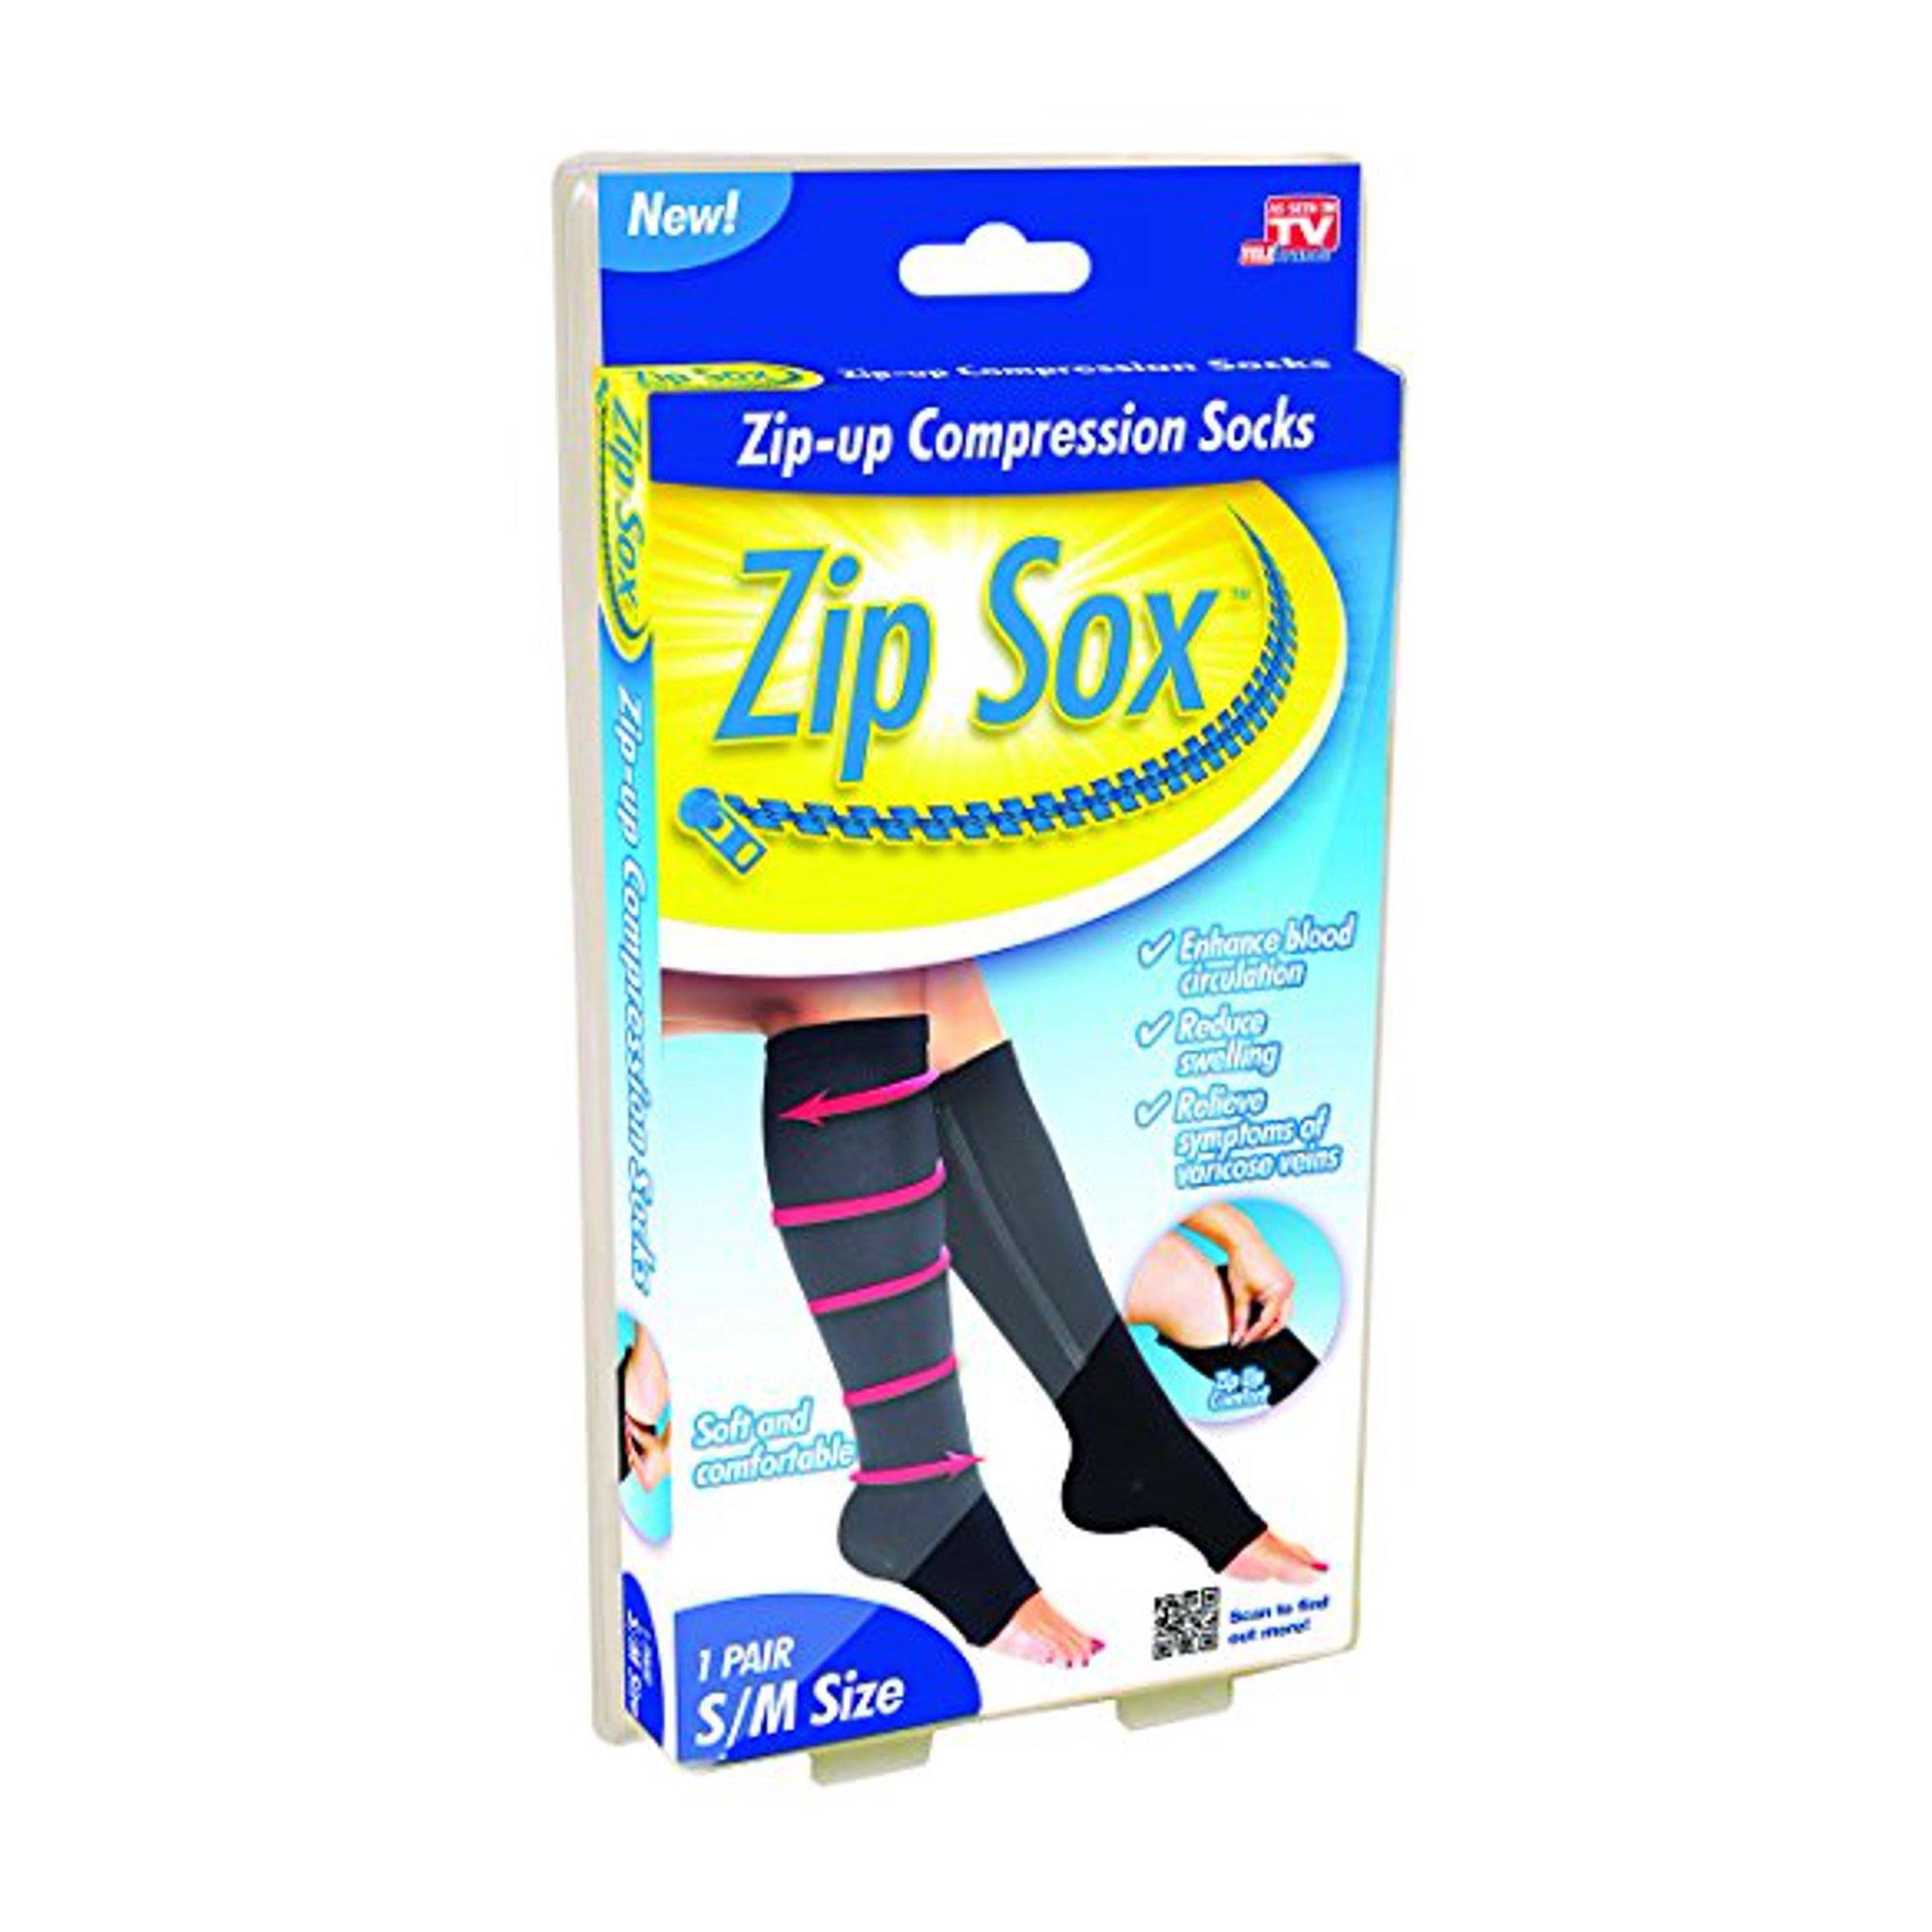 Ciorapii compresivi: functioneaza sau nu in ameliorarea varicelor?